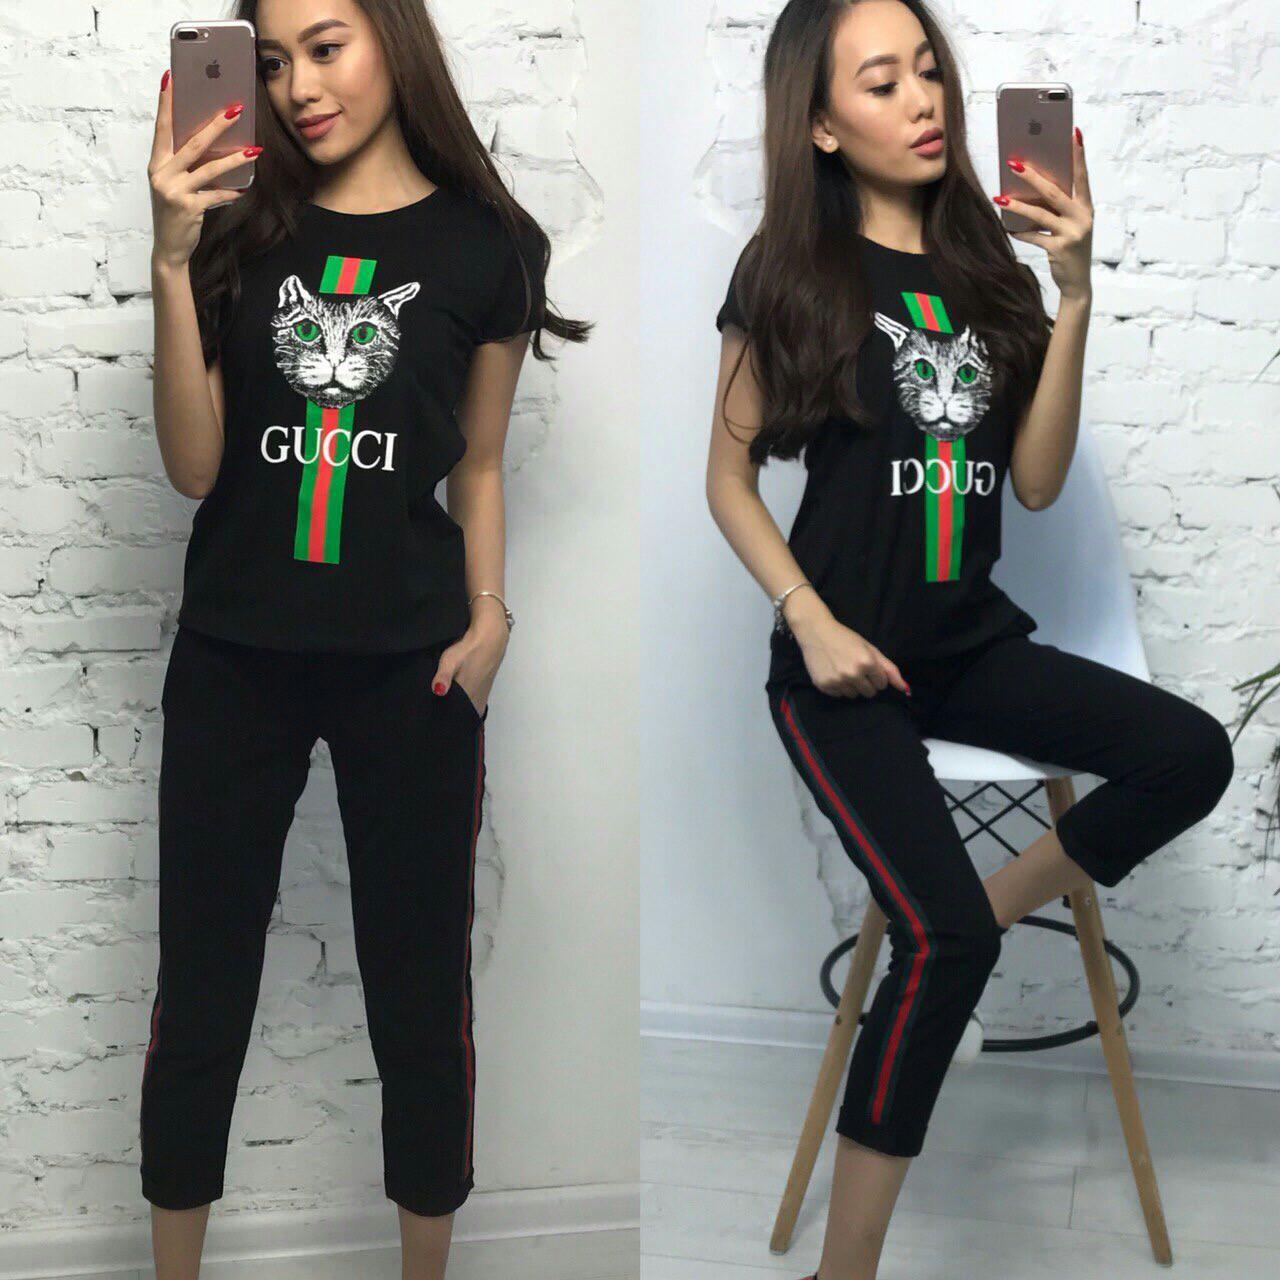 4d0f5f63e39f Женский костюм Gucci в расцветках - Интернет магазин одежды оптом  http   piknik-